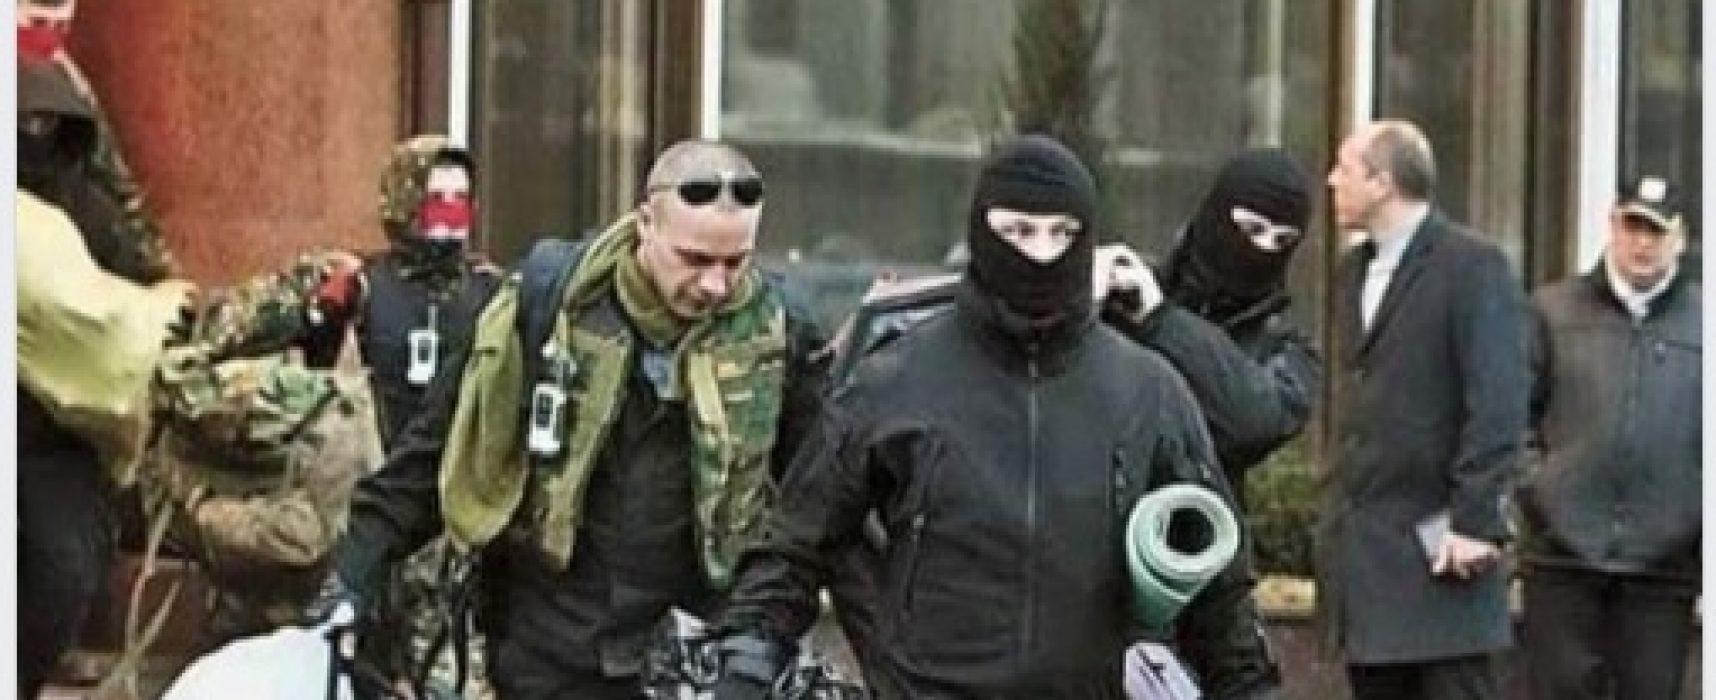 Фотофейк: «Расстрельная команда Майдана» под руководством Парубия выходит из отеля «Украина»